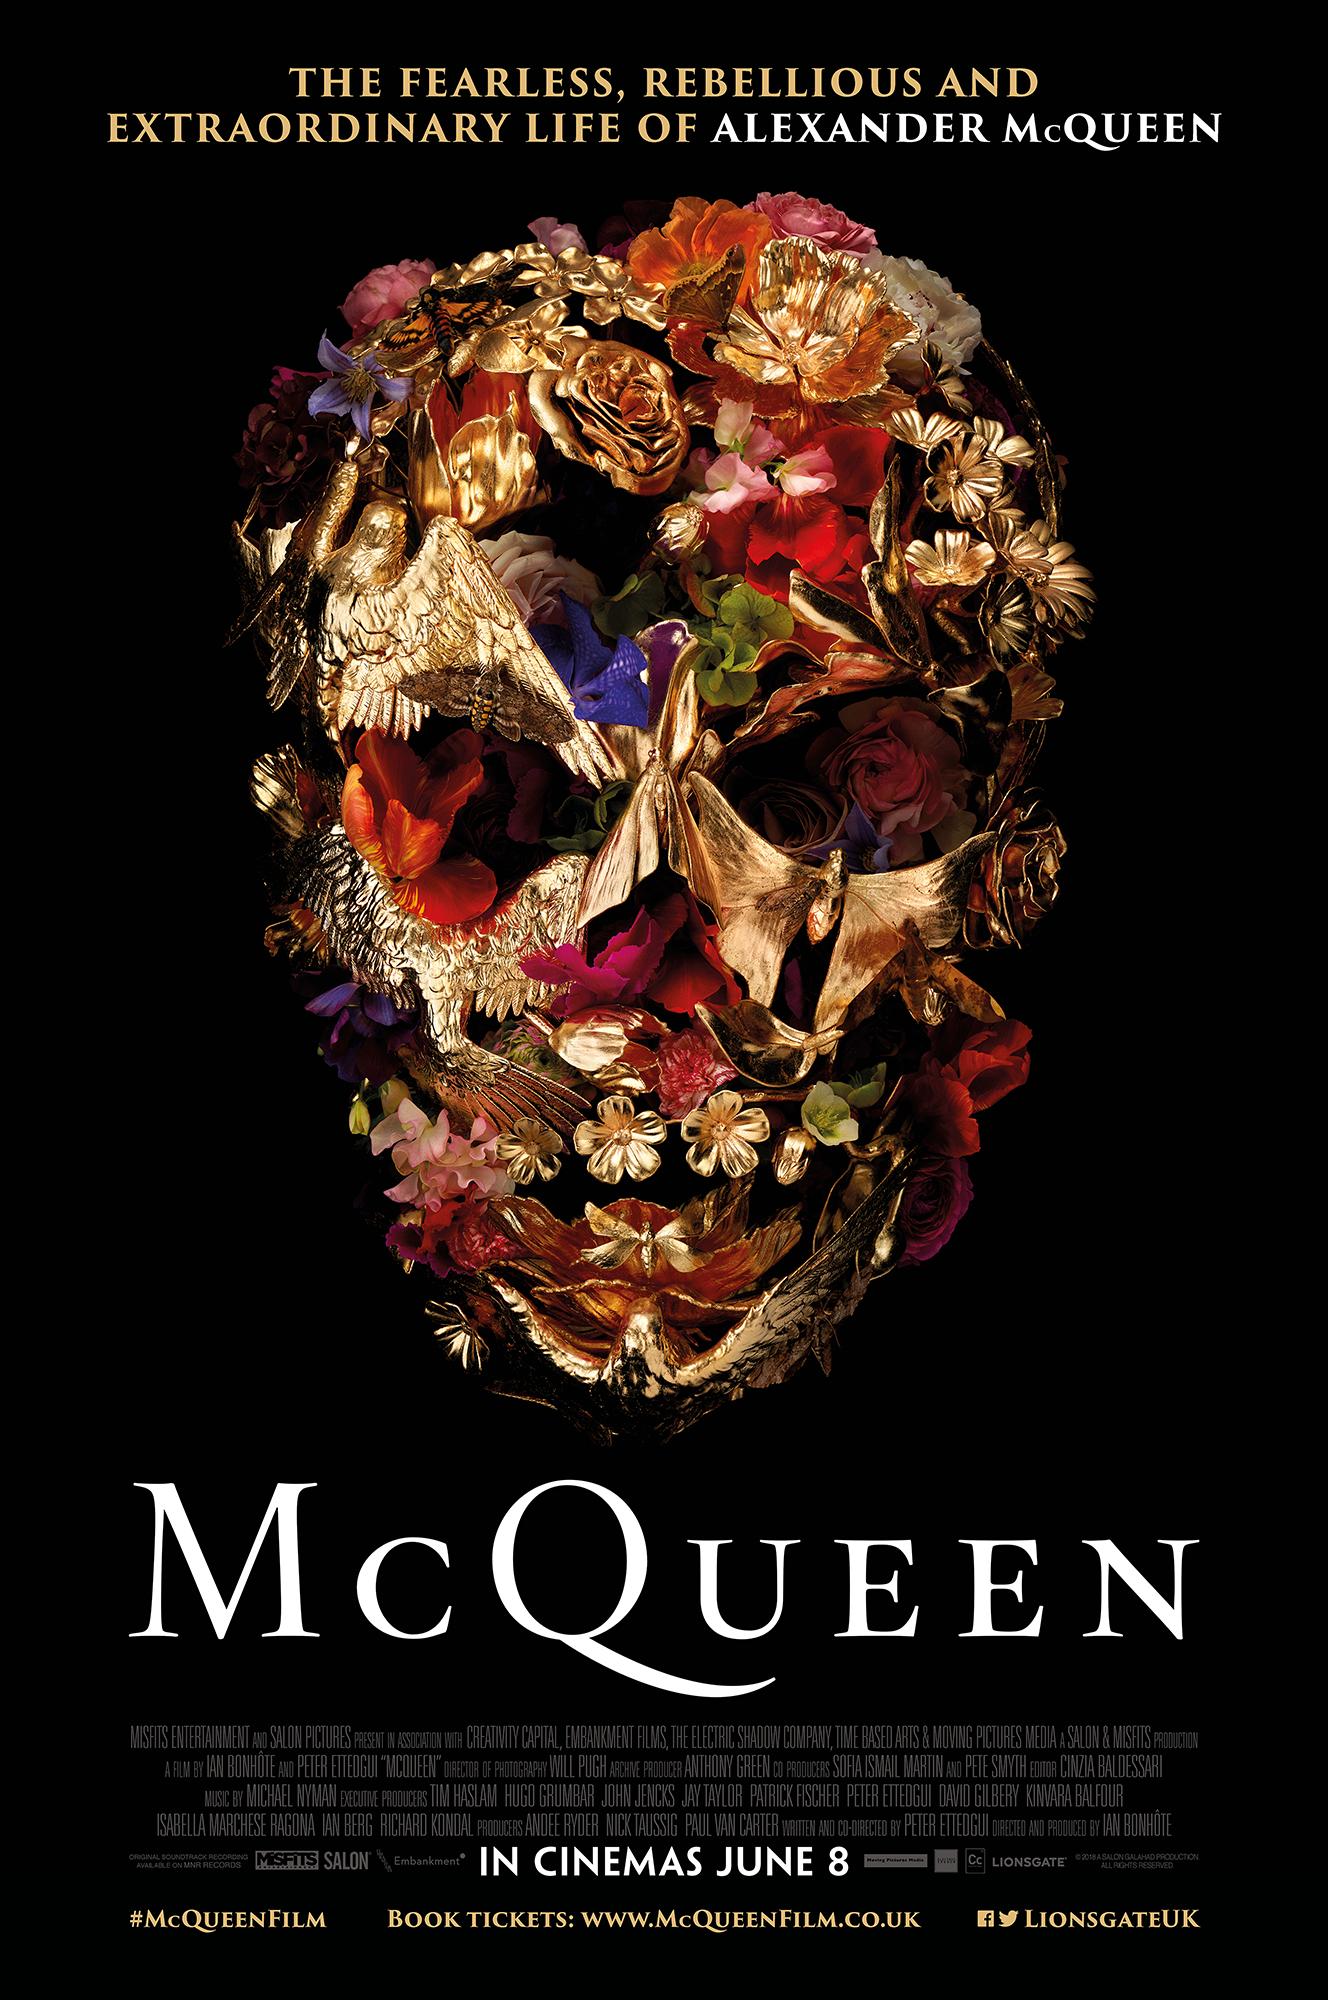 McQueen_UK_1Sht_SMALL.jpg